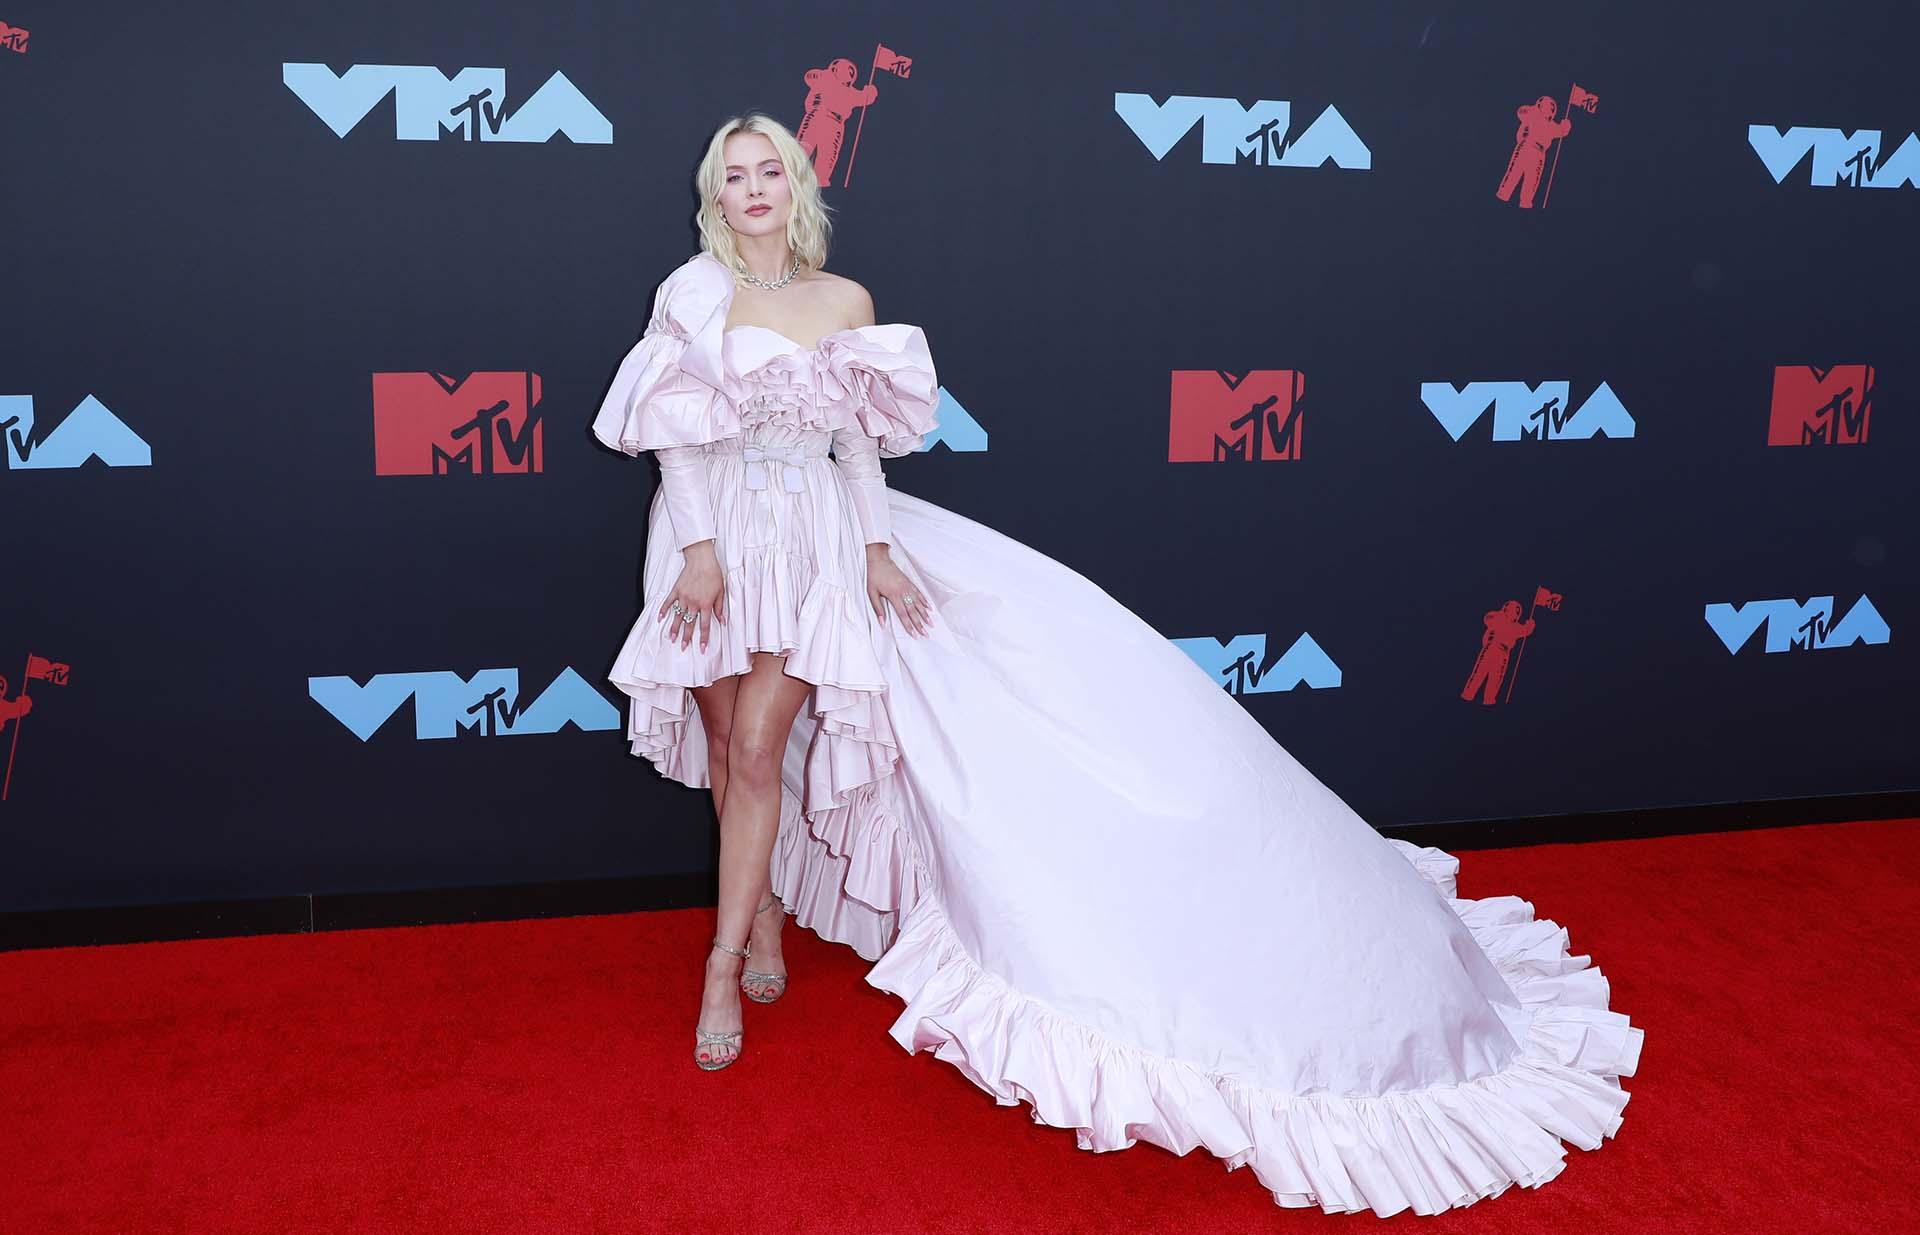 Zara Larsson posa en la alfombra roja de los MTV Video Music Awards 2019